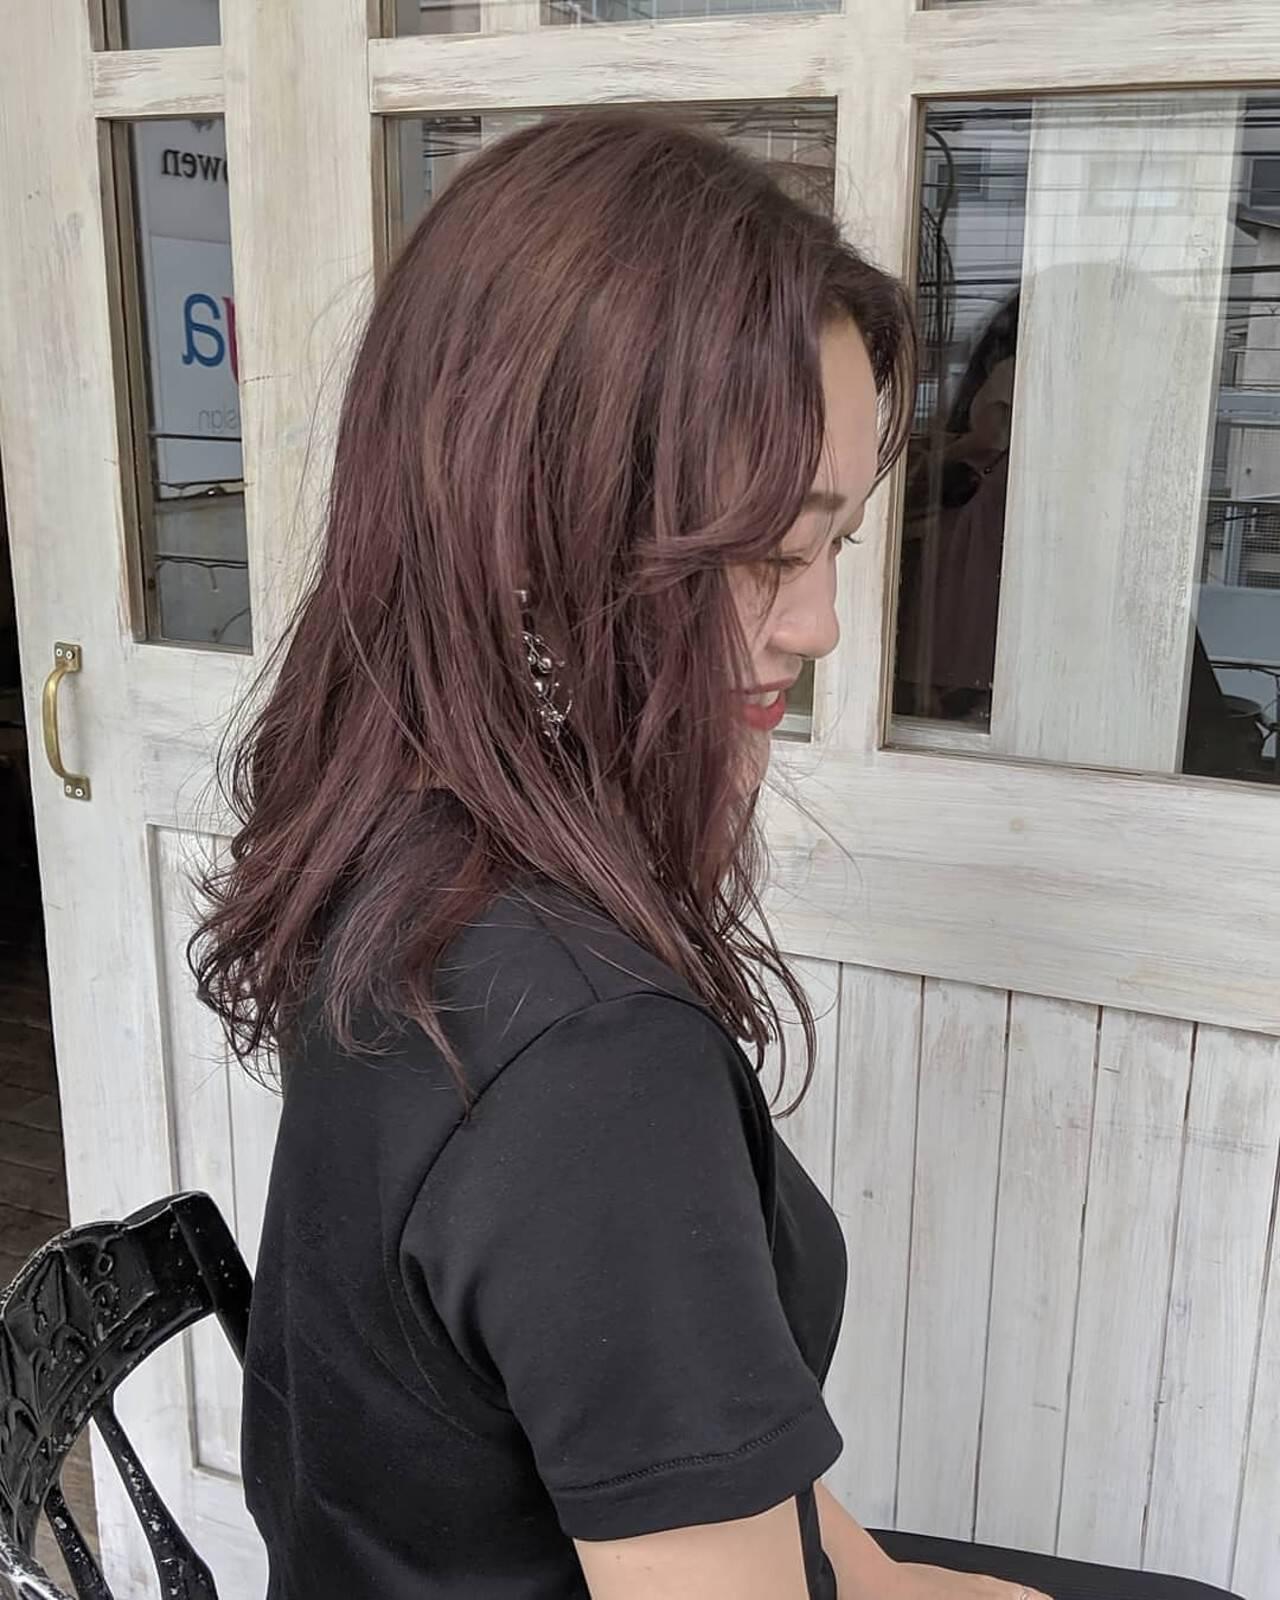 かき上げ前髪 ピンクバイオレット ミディアム ラベンダーカラーヘアスタイルや髪型の写真・画像